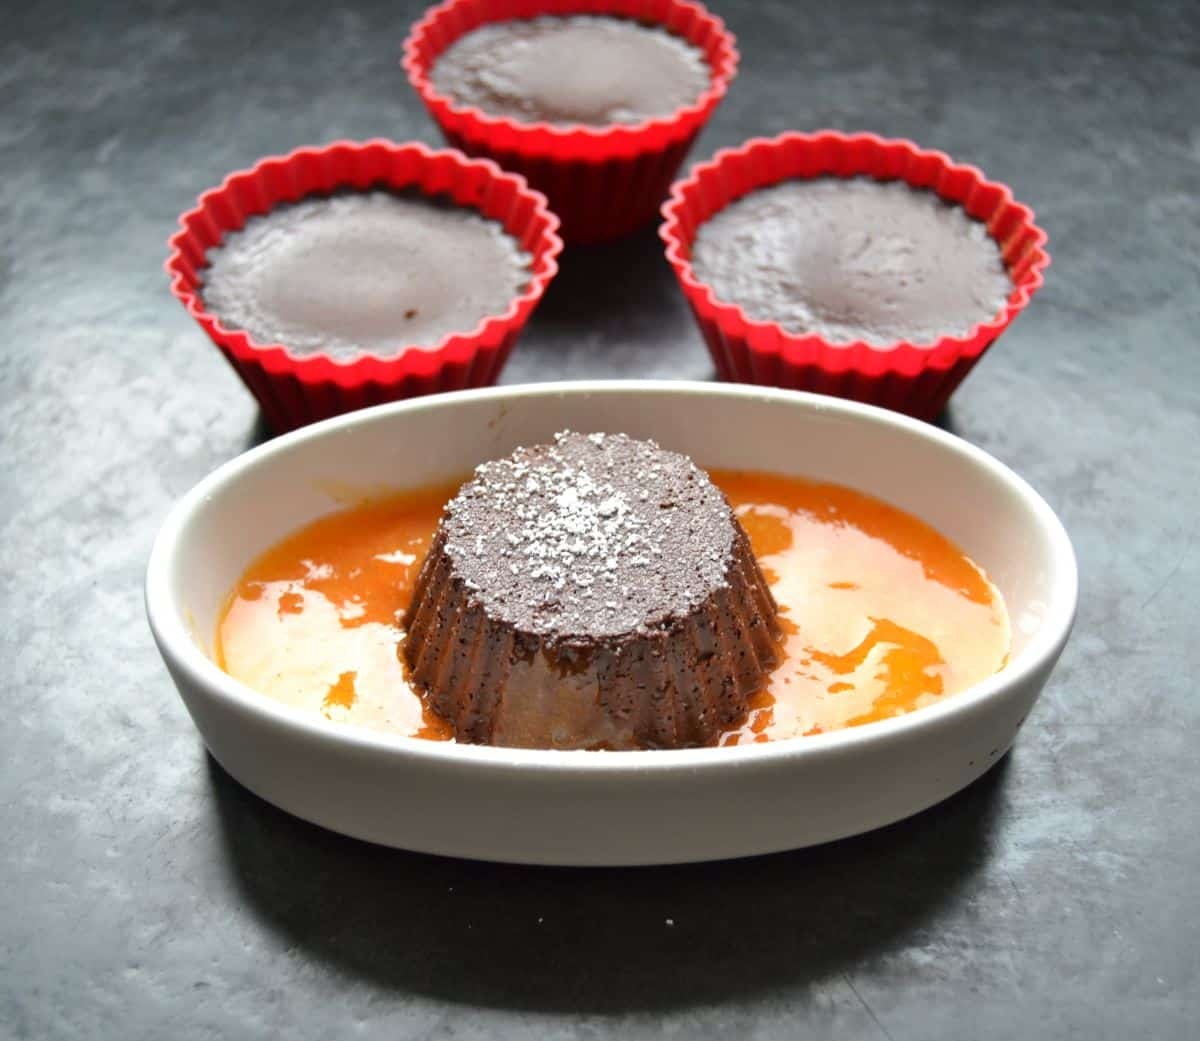 Schokoladen Dessert mit Kakifruchtsauce